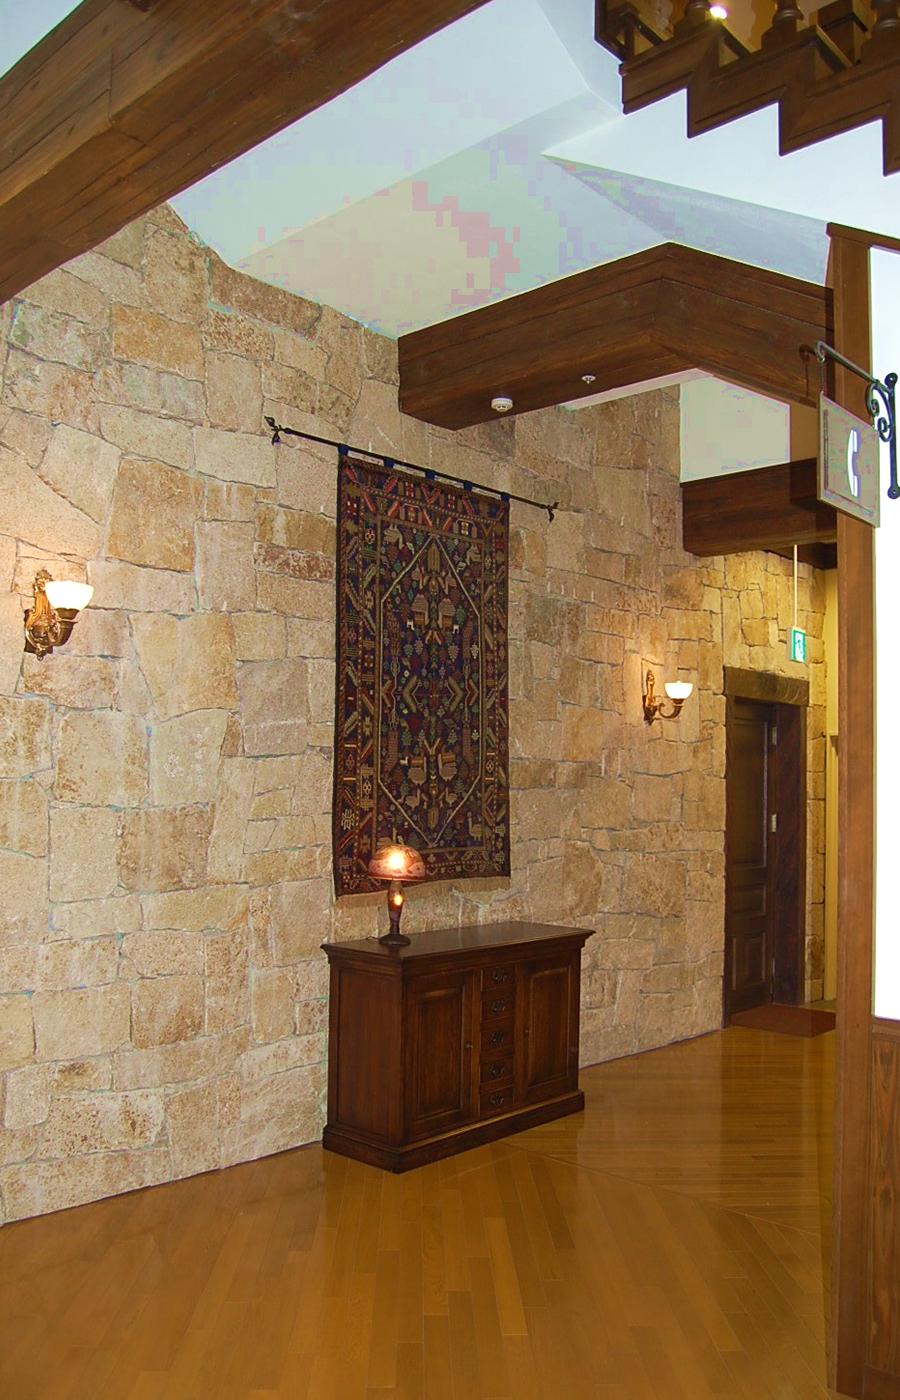 石の壁面に絨毯を飾り、サイドボードをその下に配置。